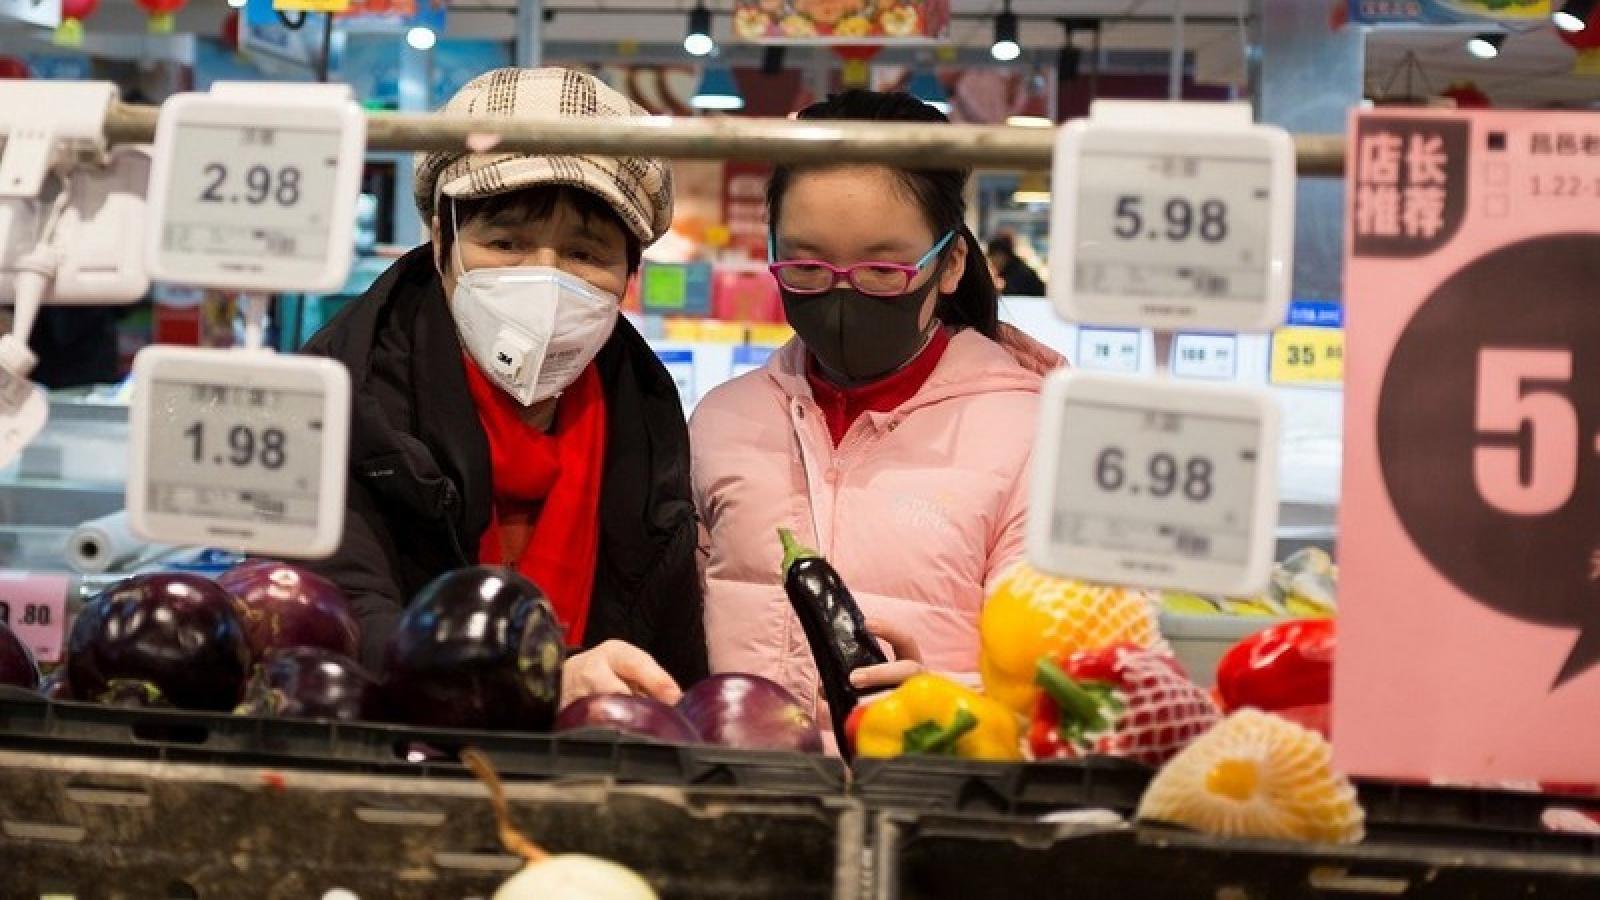 Trung Quốc đưa ra nhiều biện pháp nhằm kích cầu tiêu dùng